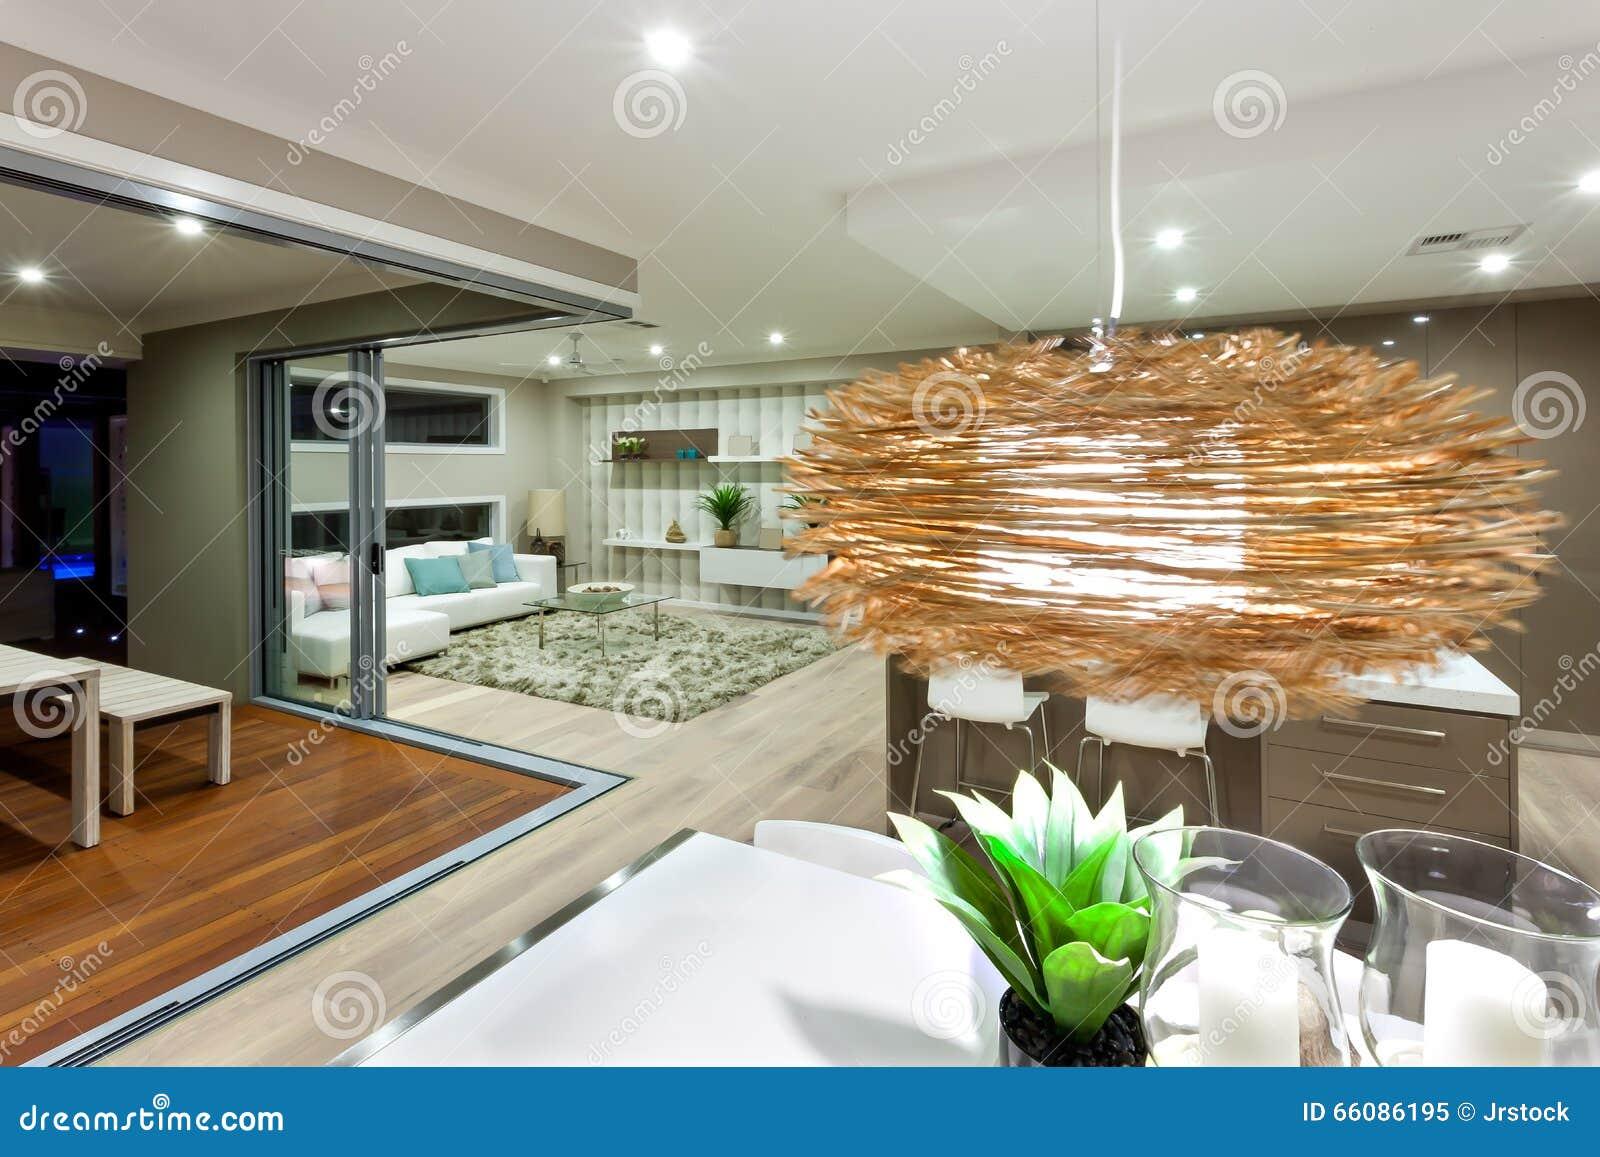 Plan rapproch d 39 une d coration en bambou de lampe accrochant au dessus d - Lampe au dessus d une table ...